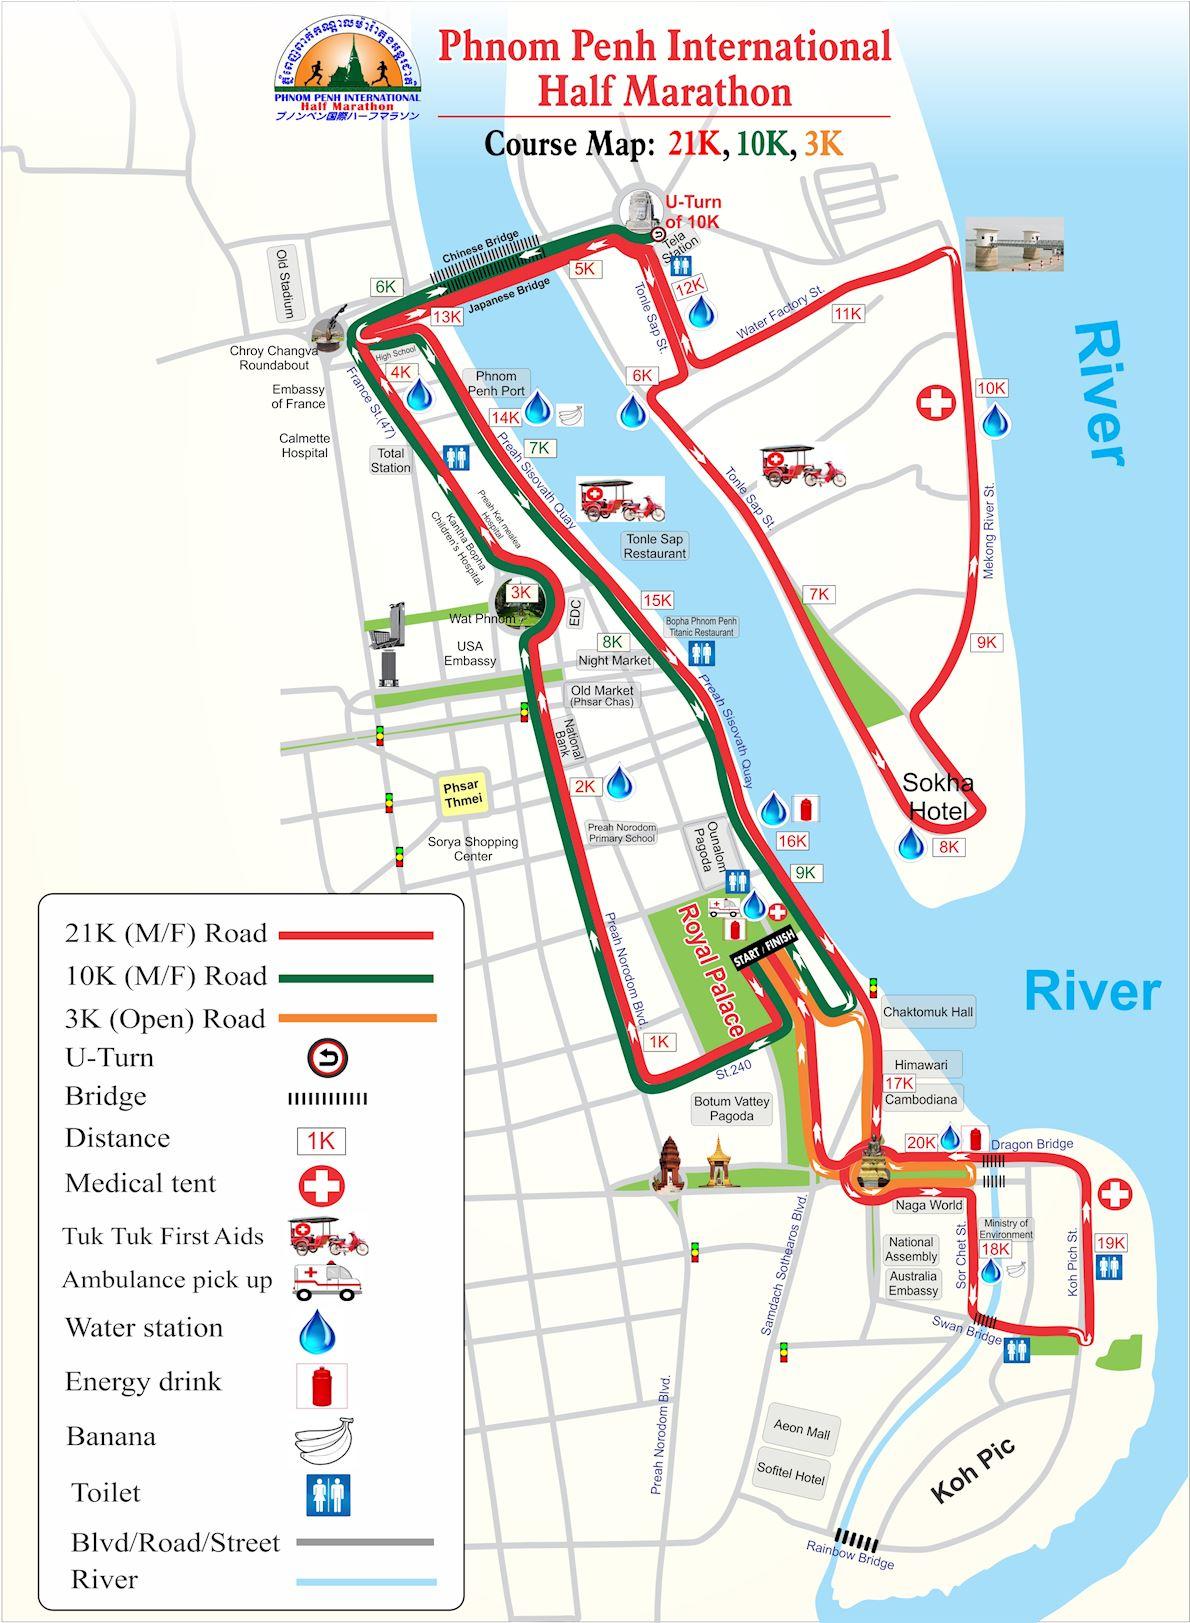 Phnom Penh Half Marathon Route Map